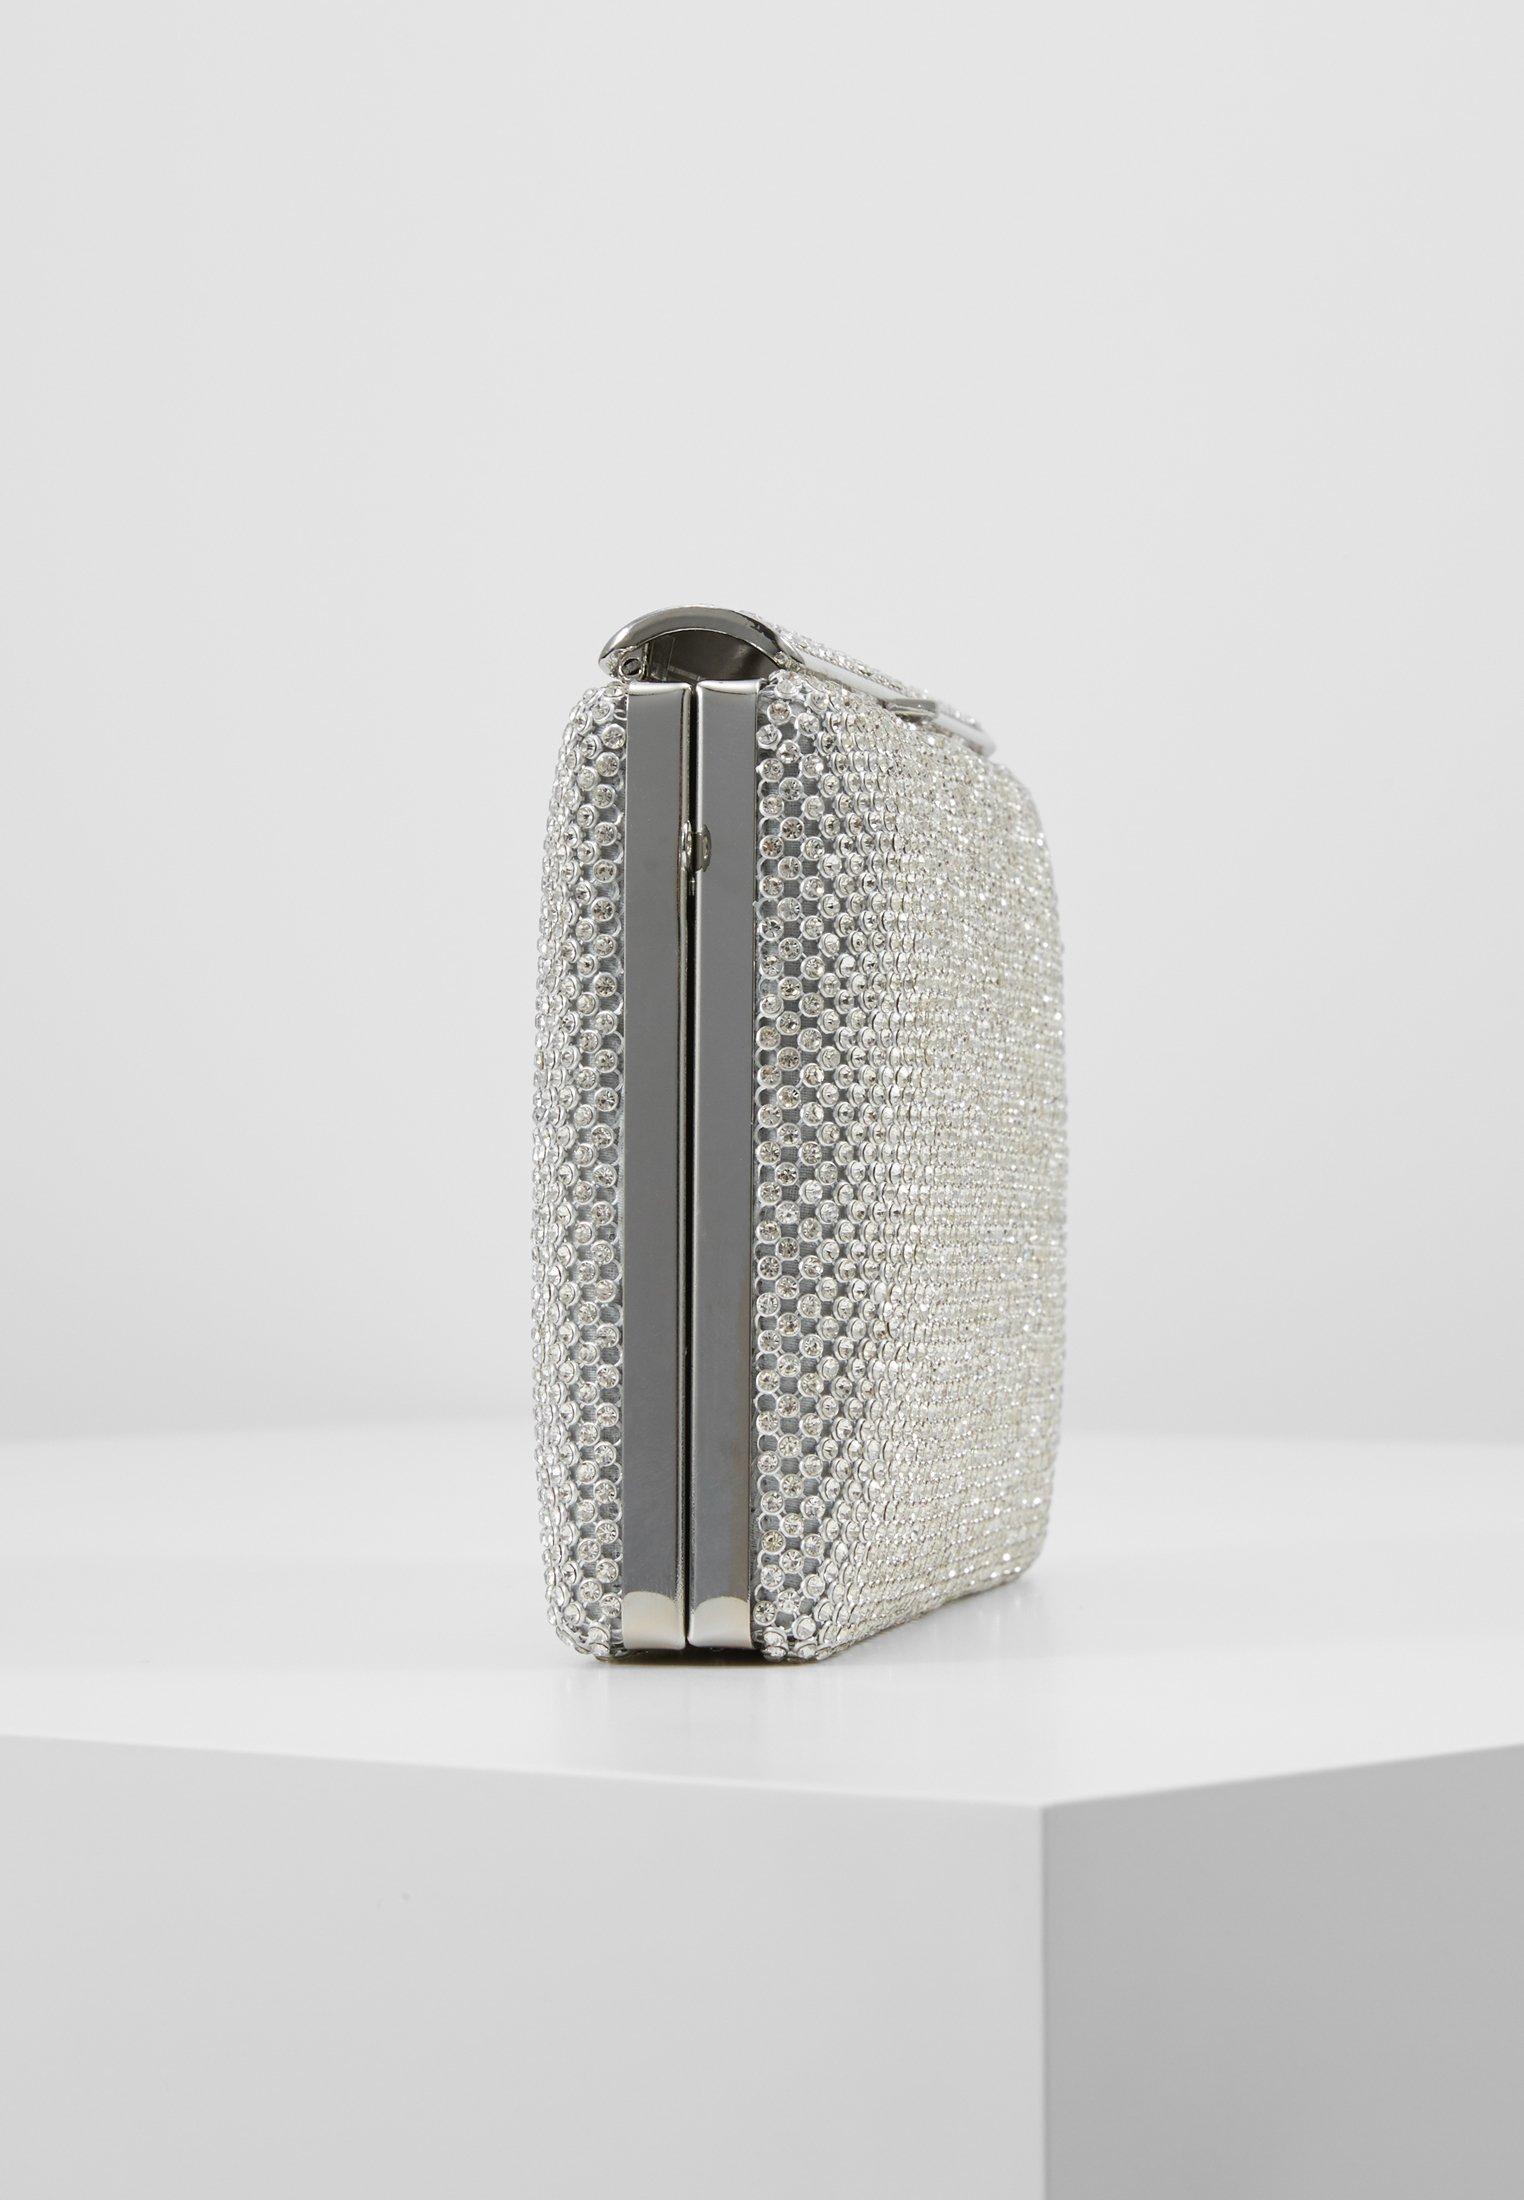 Mascara Clutch - silver/sølv 4ee0fAQ0Cu0ONLD